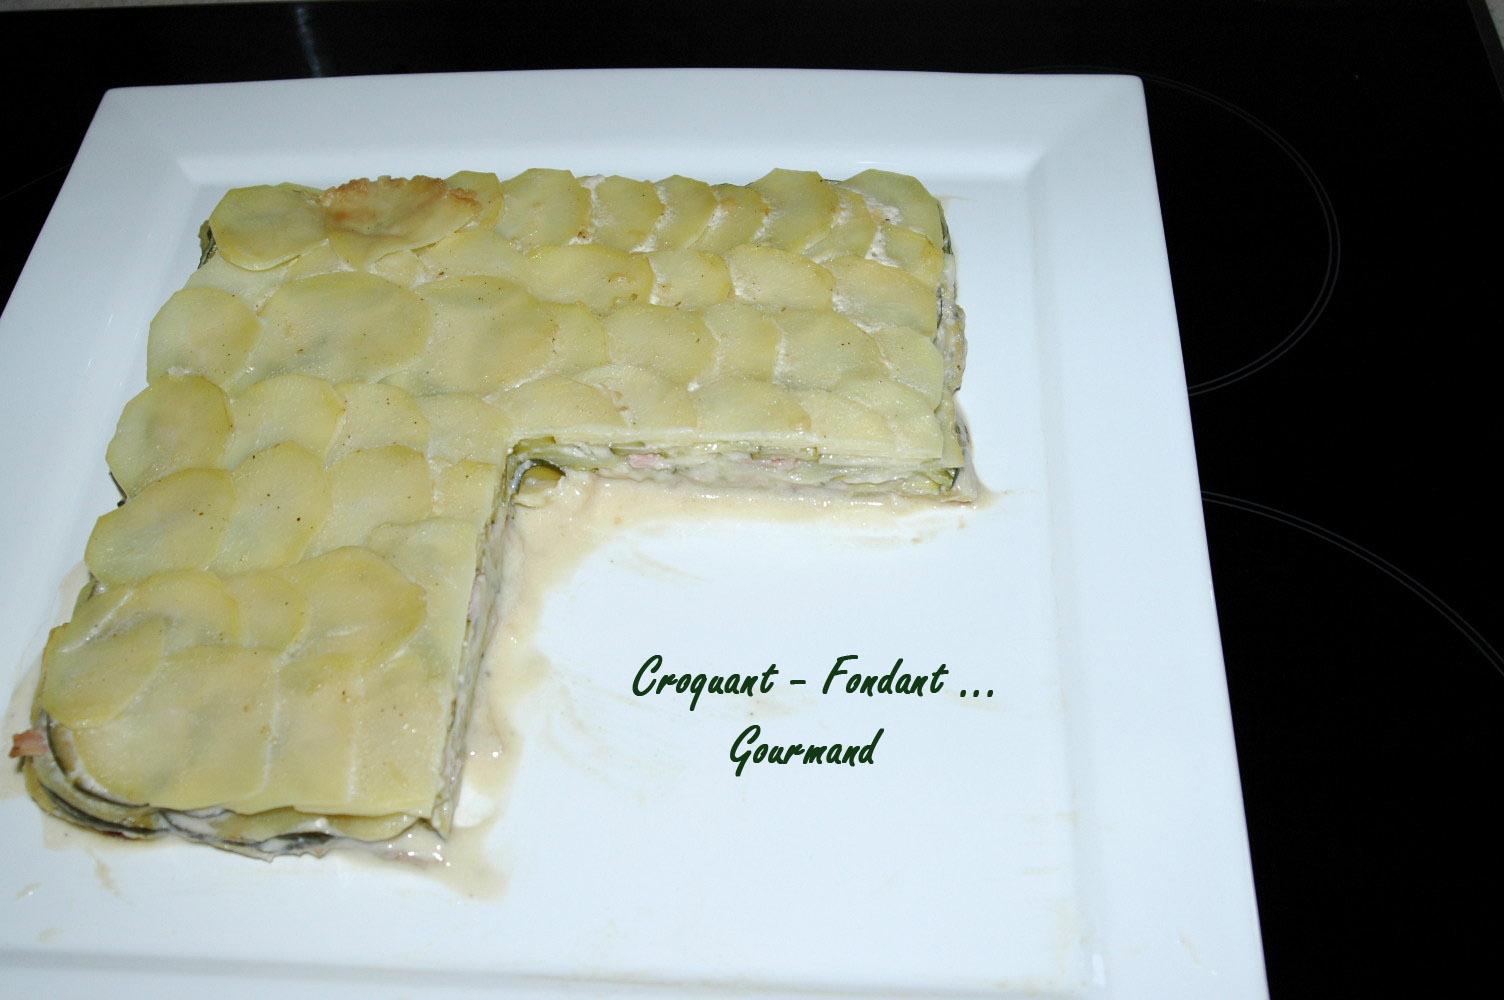 Gâteau de légumes gourmand - DSC_6616_4452